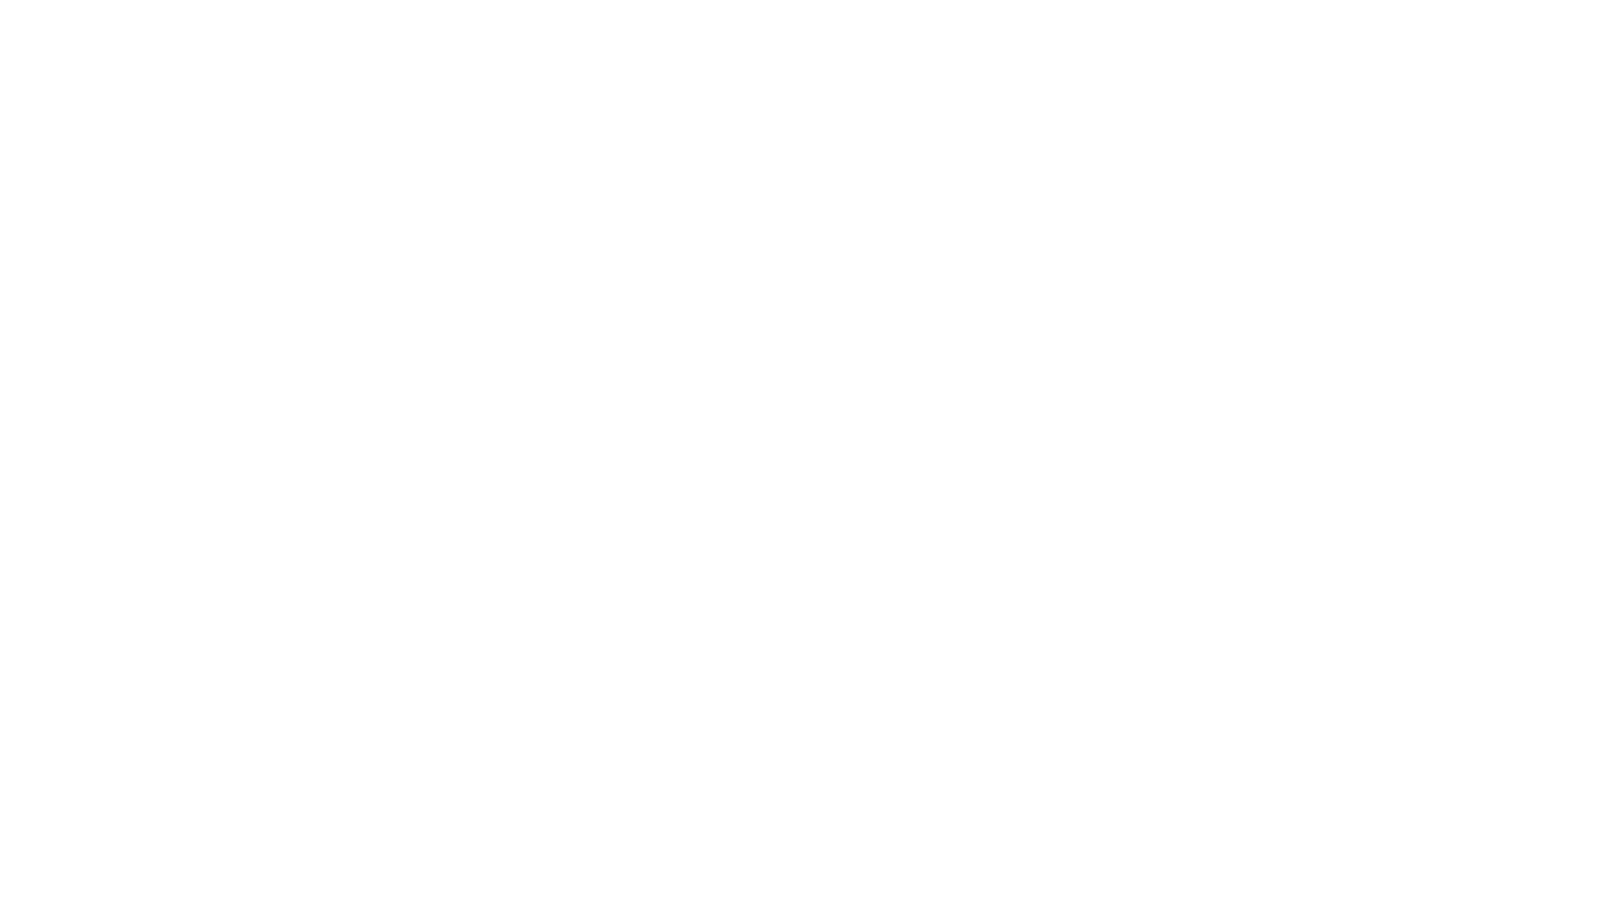 """In vista di Domenica 16 maggio 2021, 55a Giornata Mondiale delle Comunicazioni Sociali dal tema """"Vieni e vedi. Comunicare incontrando le persone come e dove sono"""", l'Ufficio Diocesano per le Comunicazioni Sociali ha deciso di valorizzare questa festa per """"fare rete"""" ed entrare in contatto con le persone e le realtà nelle quali esse vivono. La nuova equipe dell'Ufficio, nata pochi mesi fa, vuole metterci la faccia, entrando in relazione con i volti, mettendosi a servizio dell'Arcivescovo e di tutta l'Arcidiocesi in tutte le sue componenti. Ecco il perché di questo video-spot."""